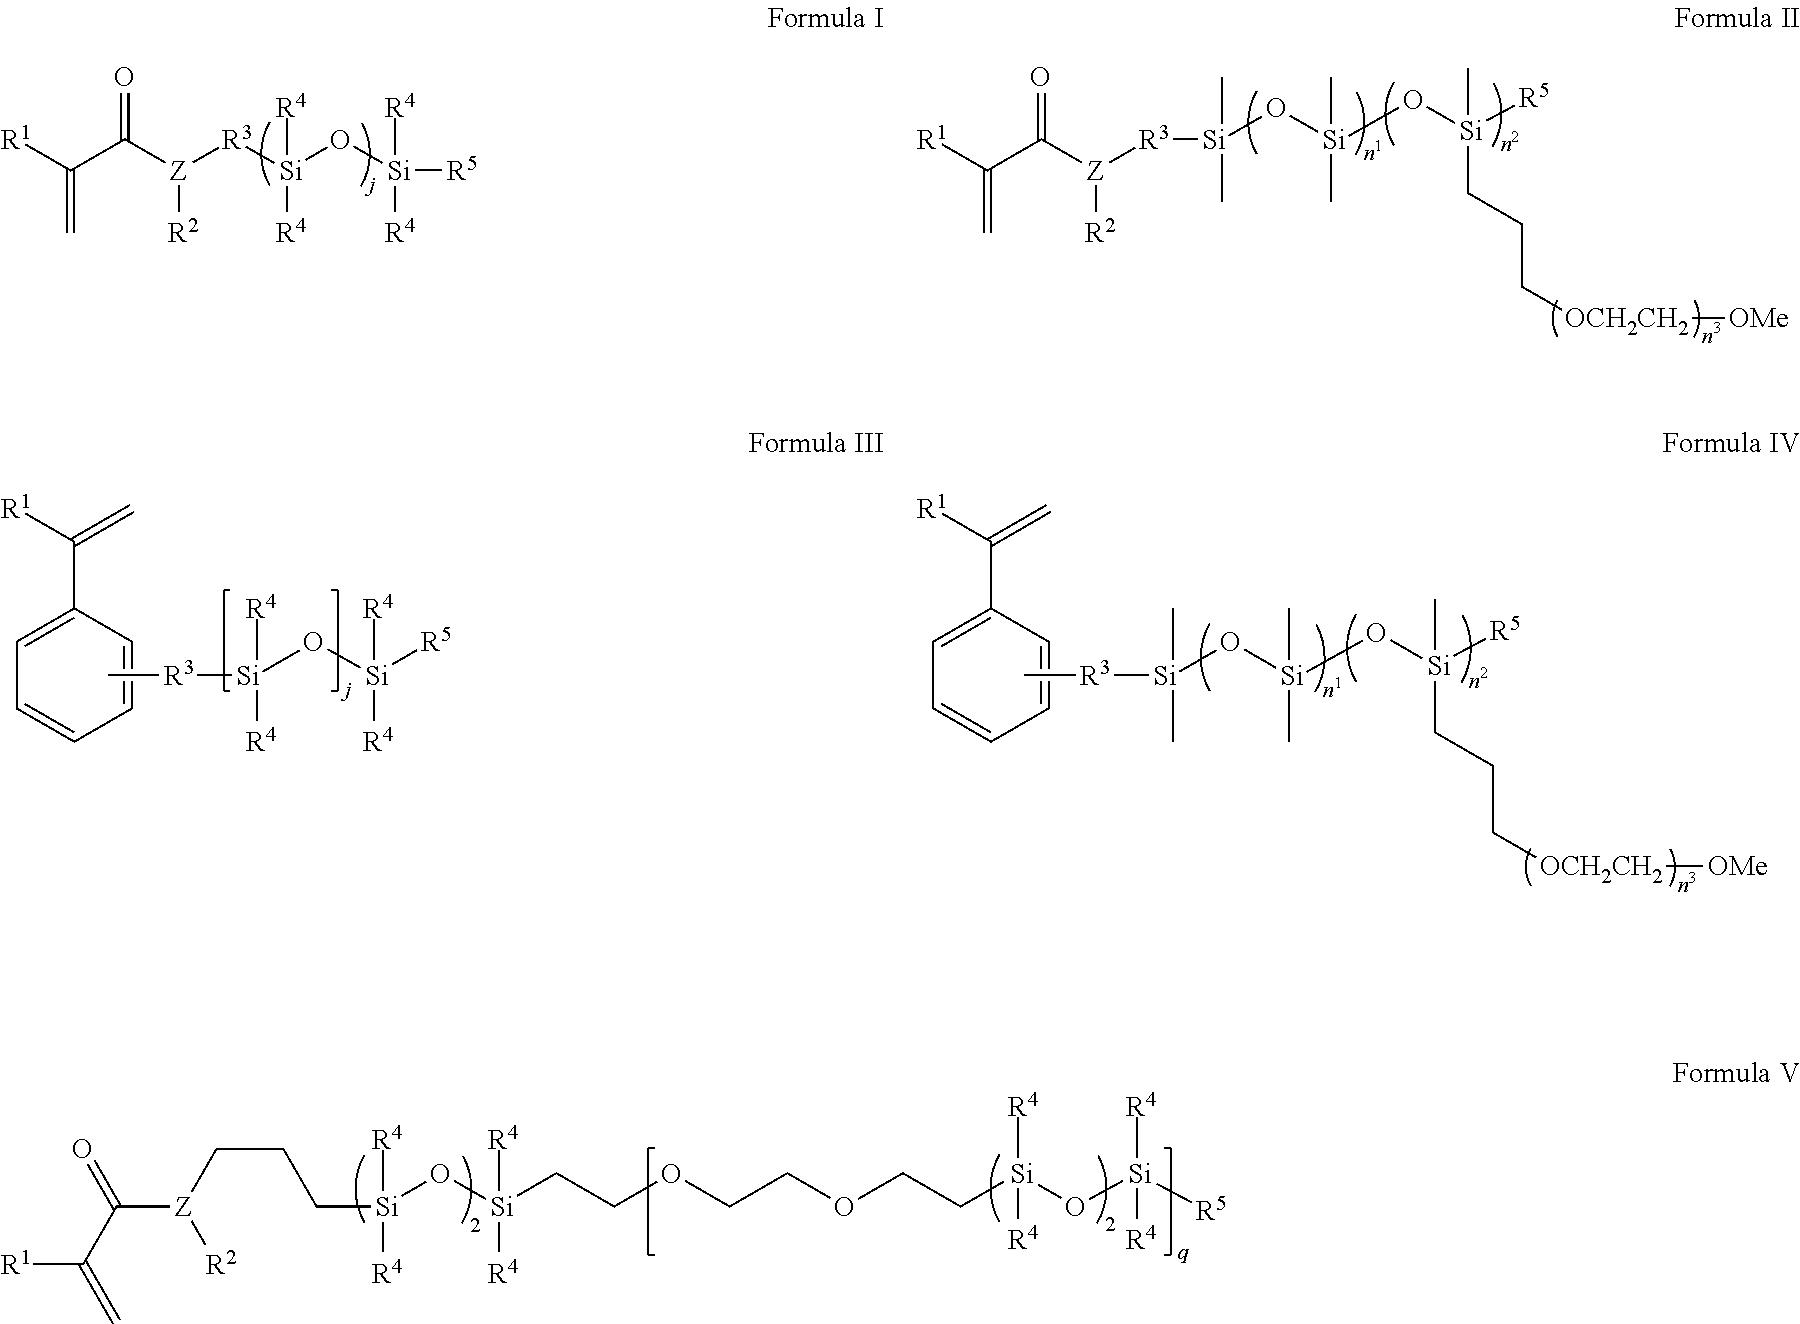 Figure US20180011223A1-20180111-C00006